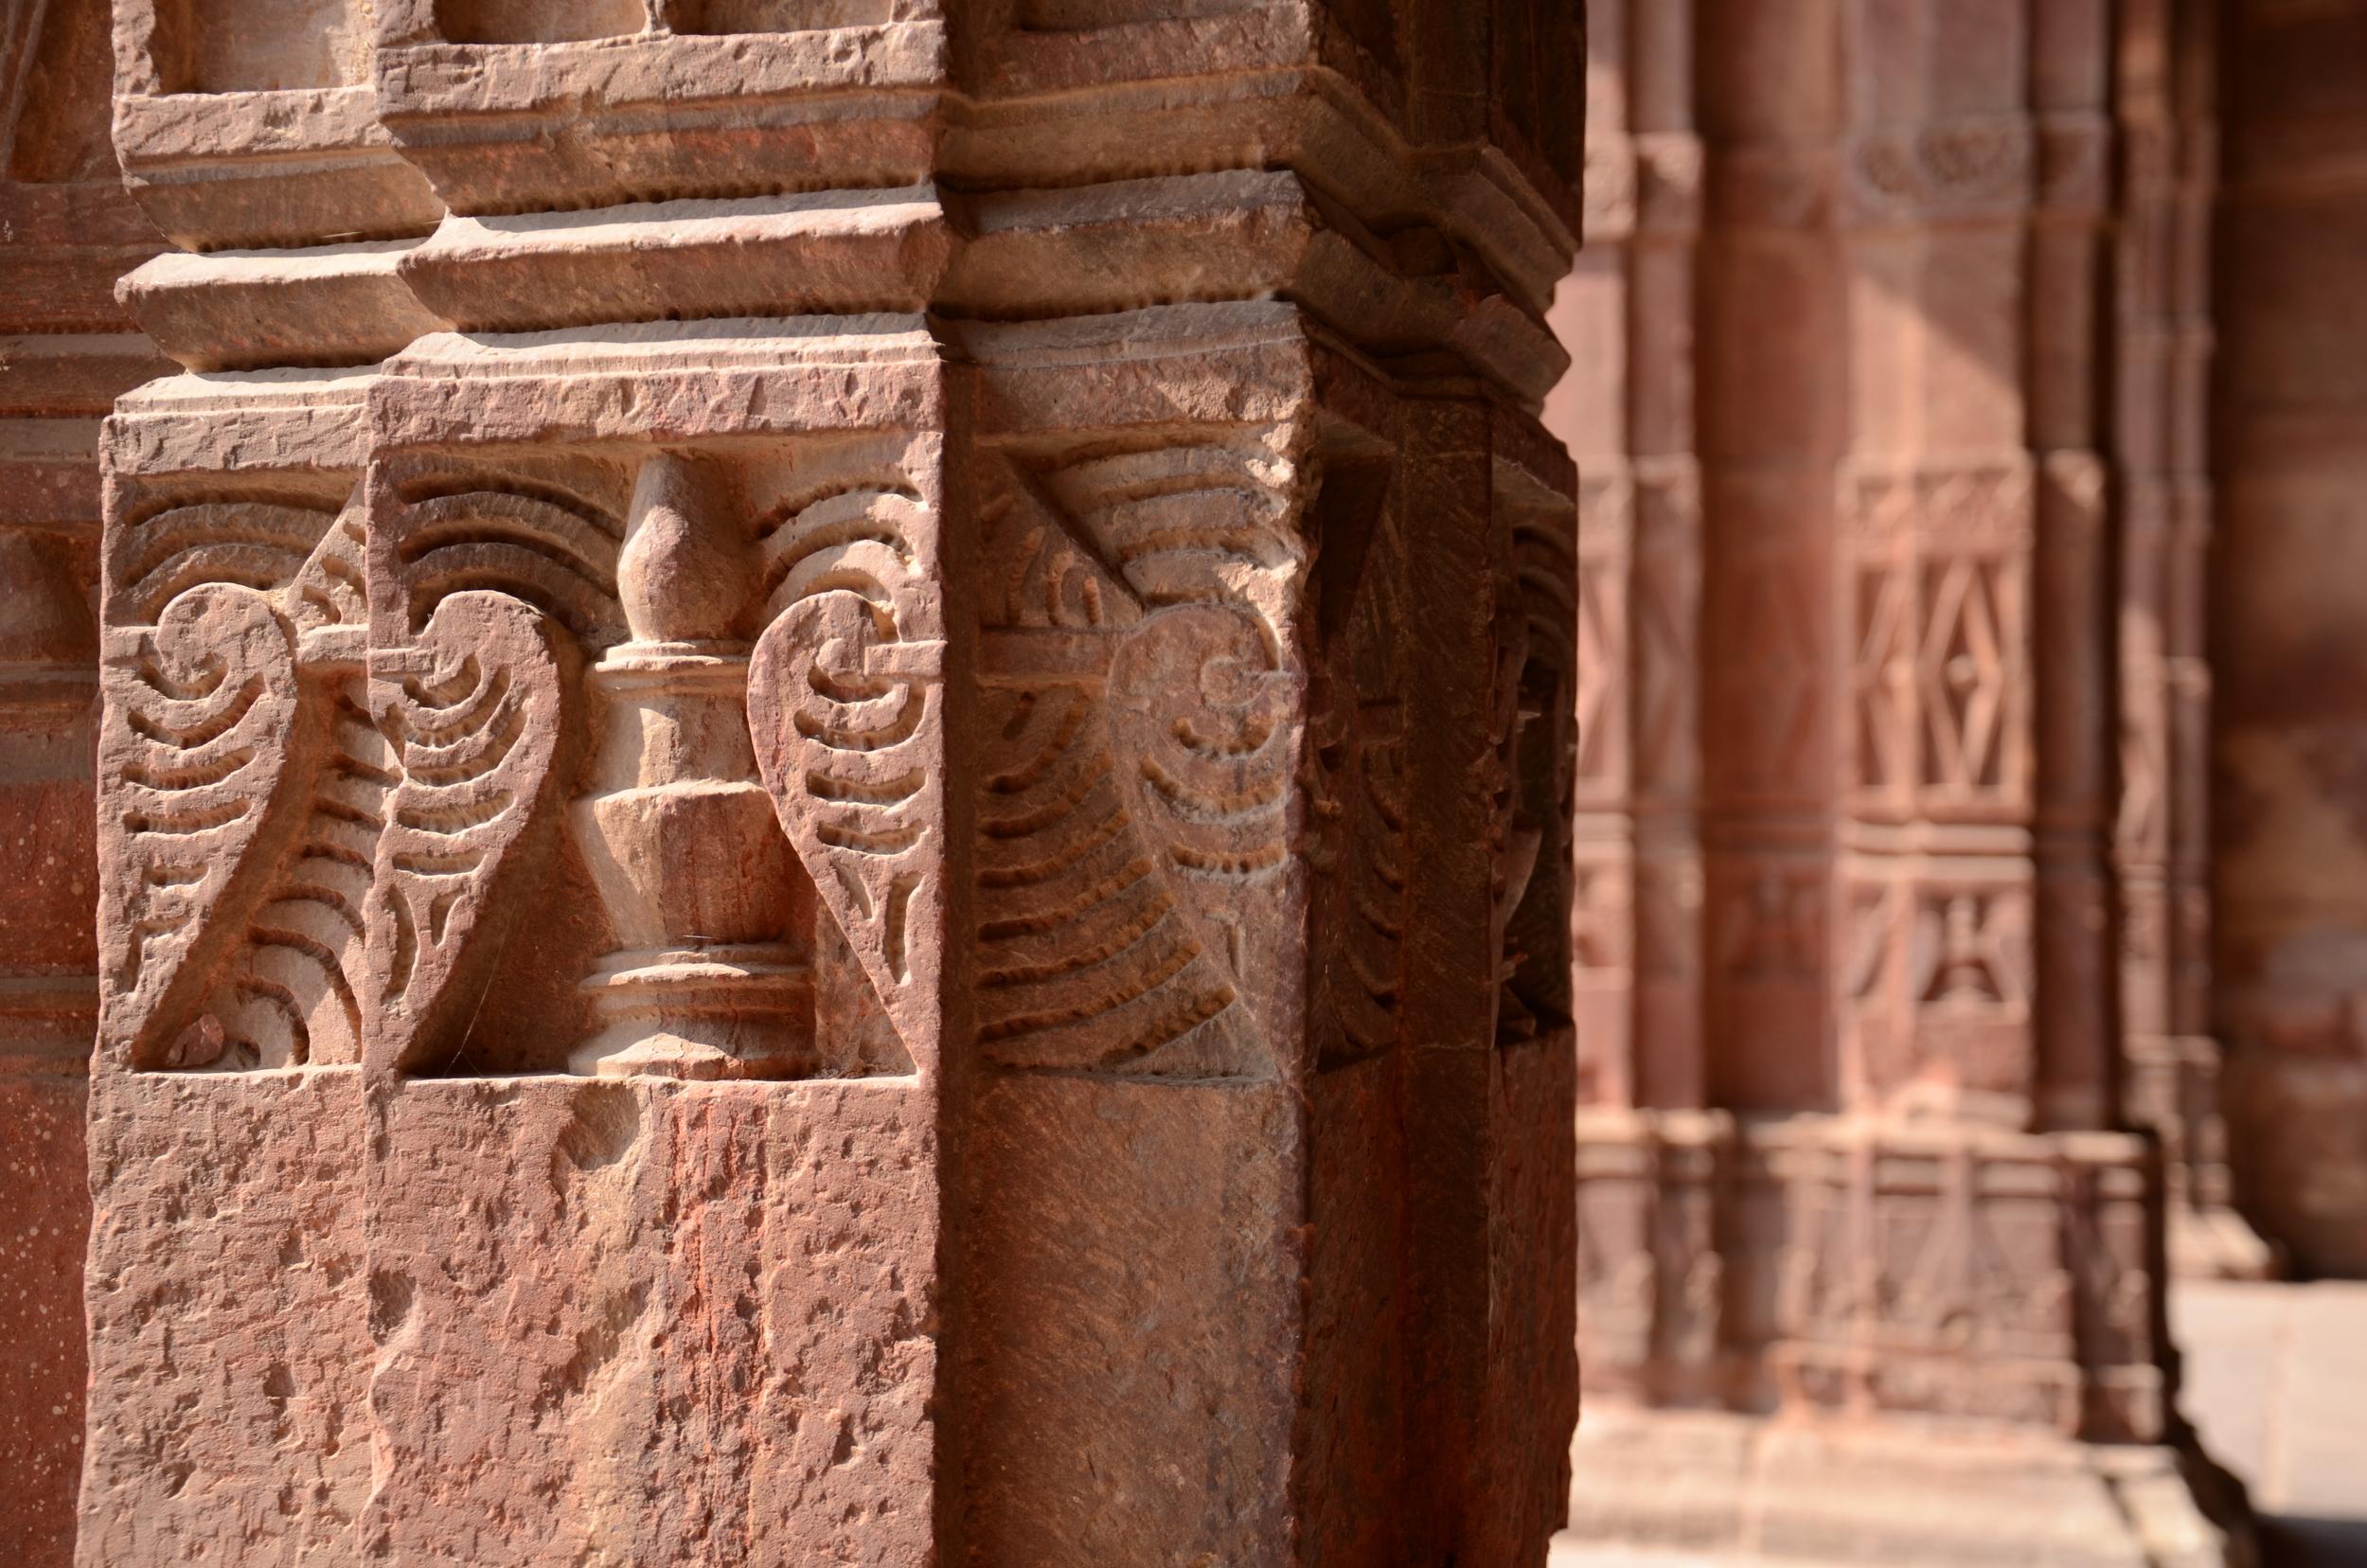 Carving details